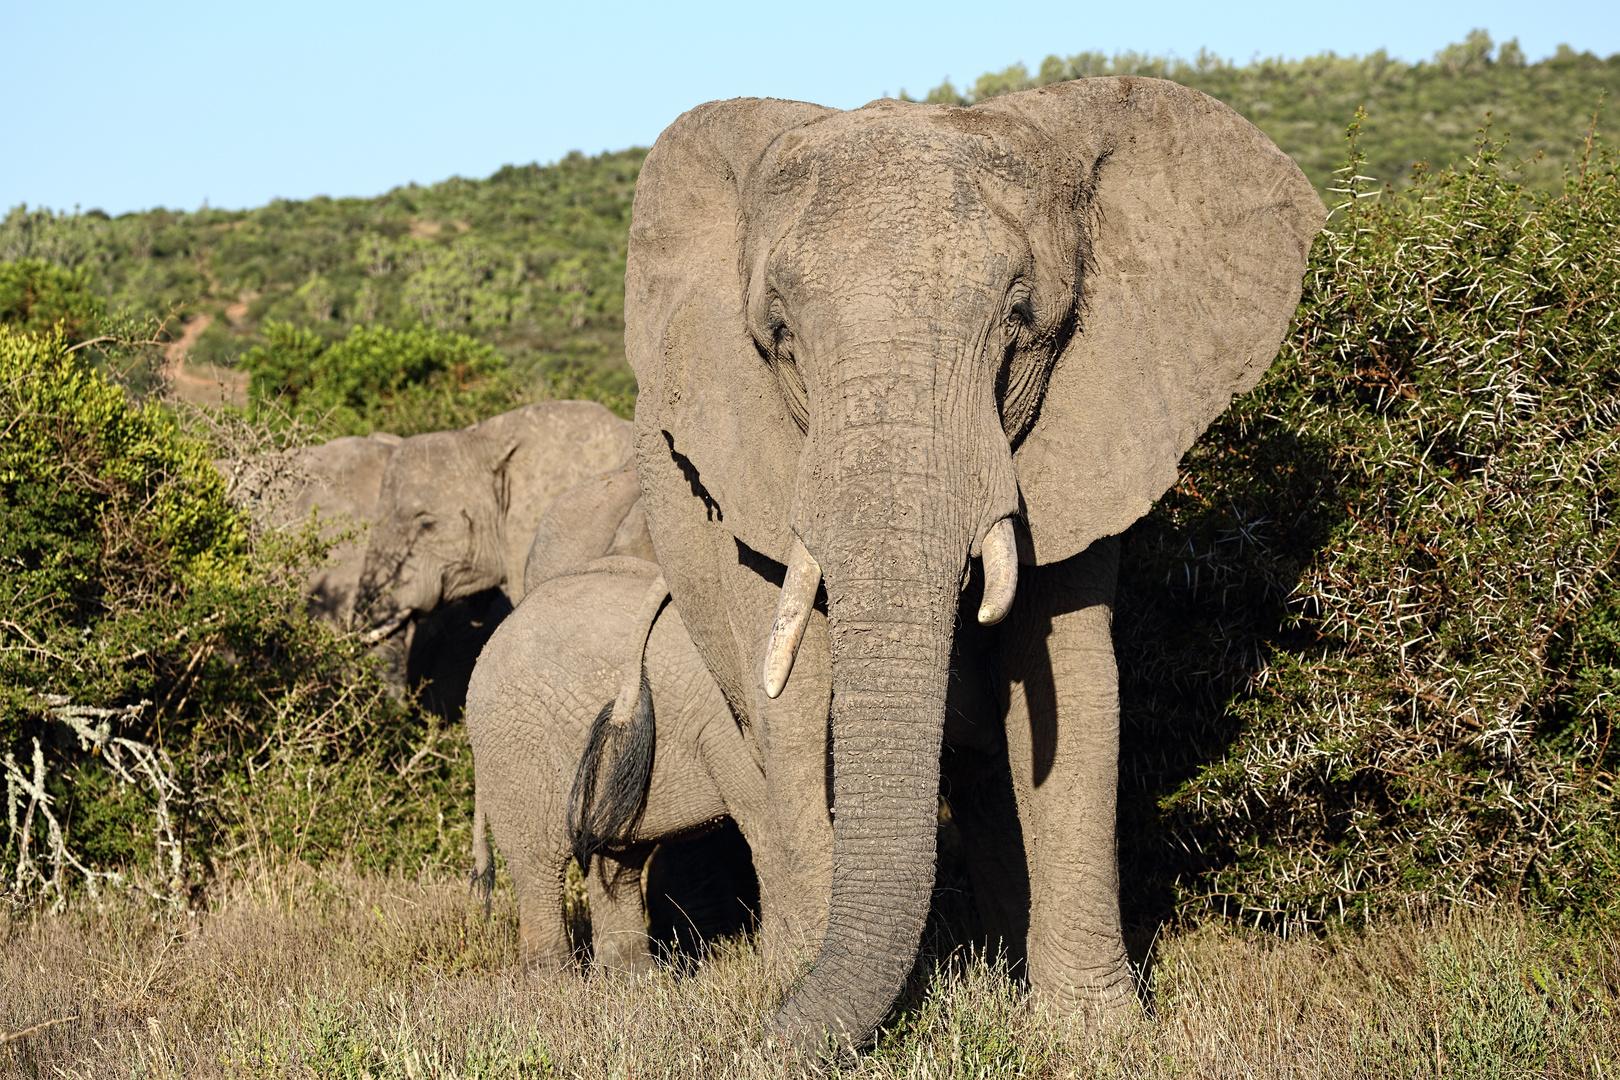 Elefantenkuh fordert Respekt